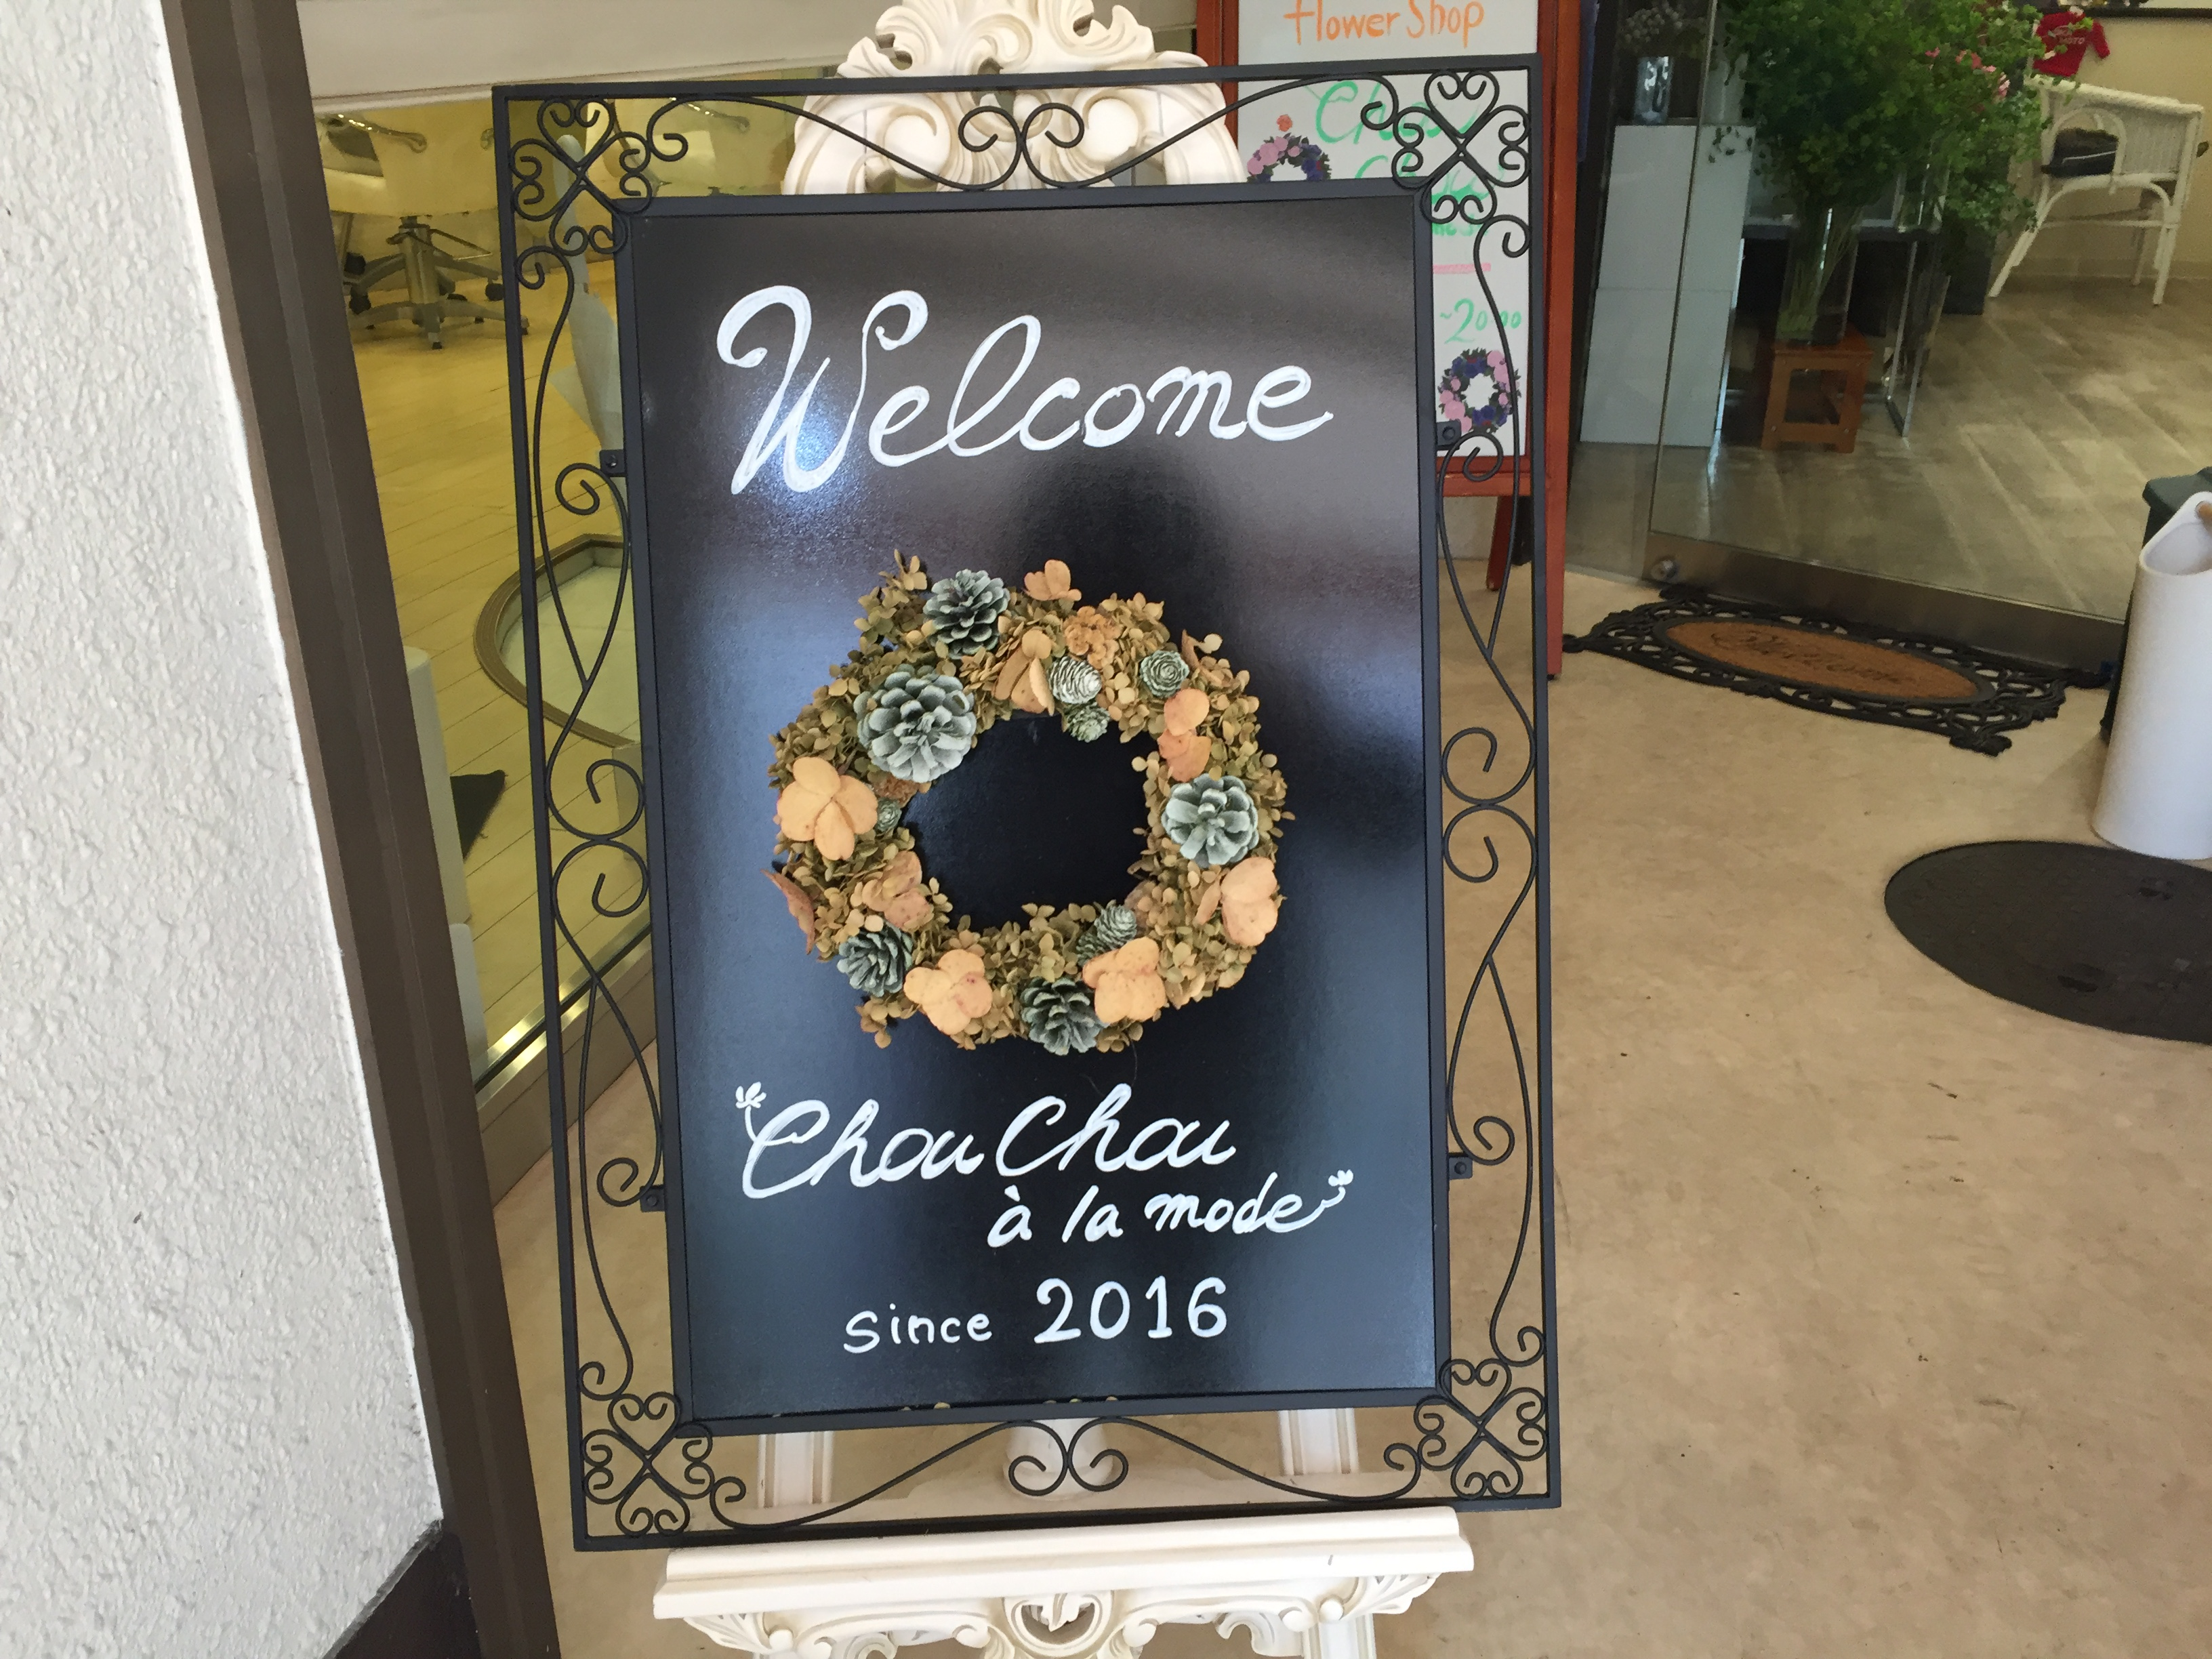 神戸・岡本キャンパス通りに「ChouChou a la mode(シュシュ・アラモード)」花屋さんがオープン!【※写真付お知らせ】